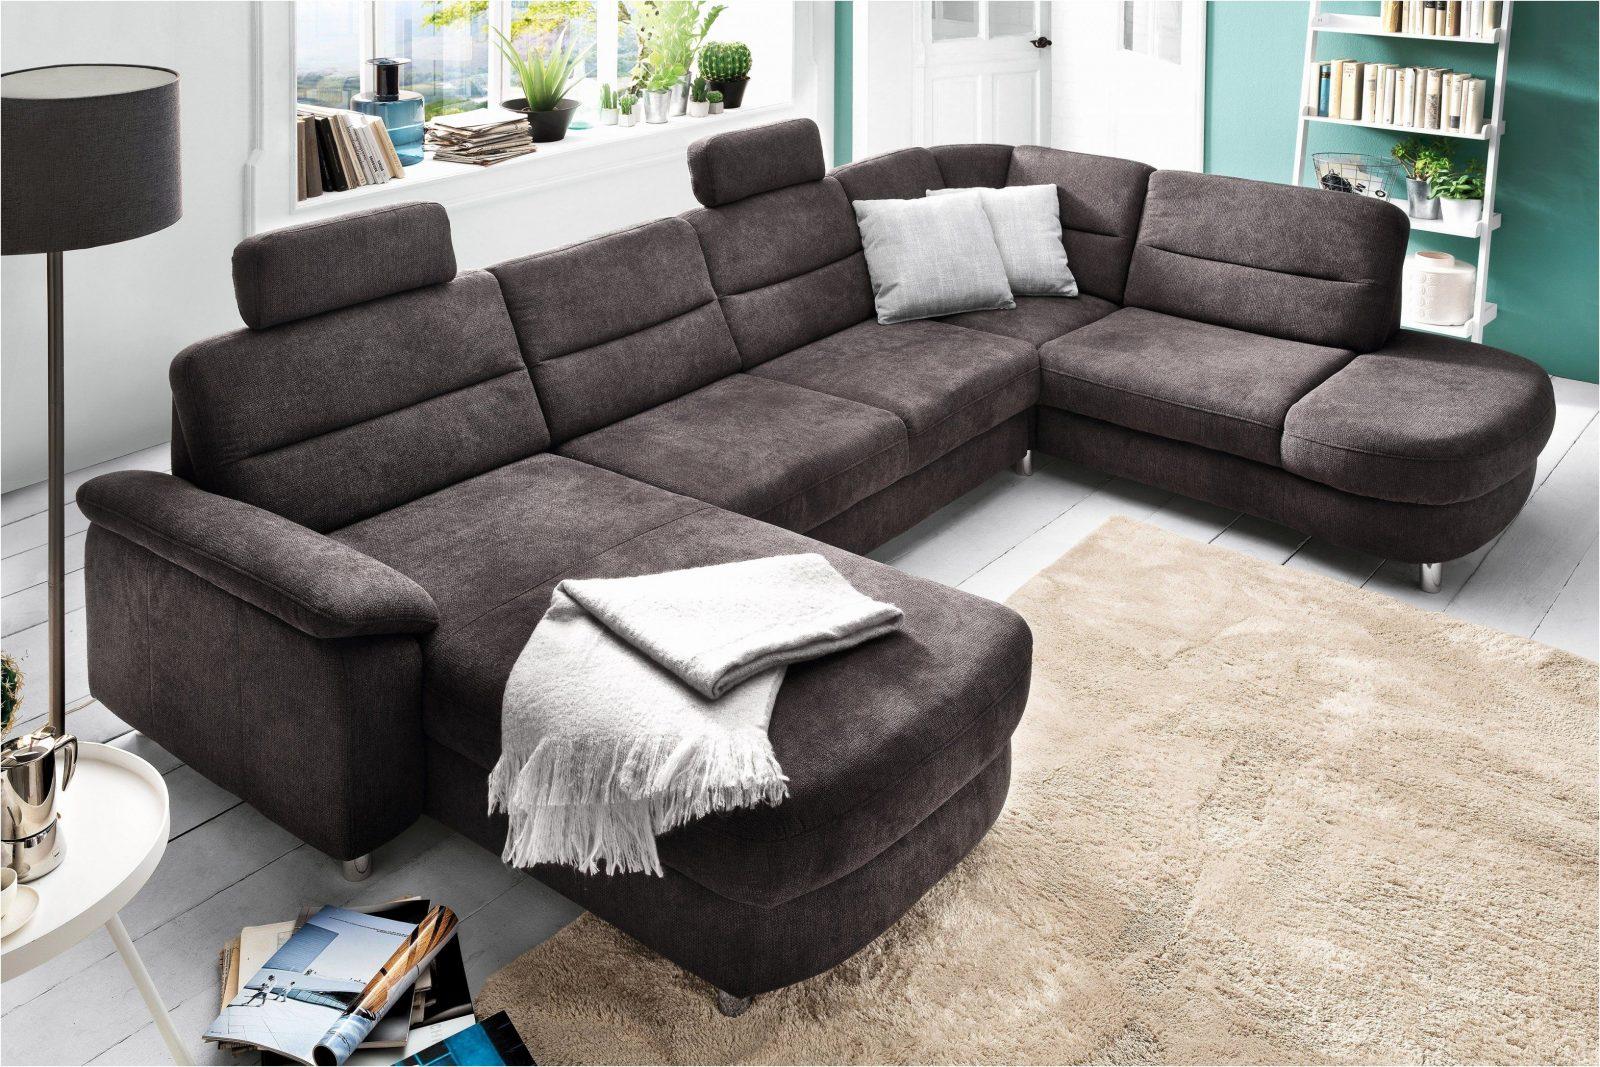 top ergebnis chesterfield sofa xxl frisch couch auf raten. Black Bedroom Furniture Sets. Home Design Ideas